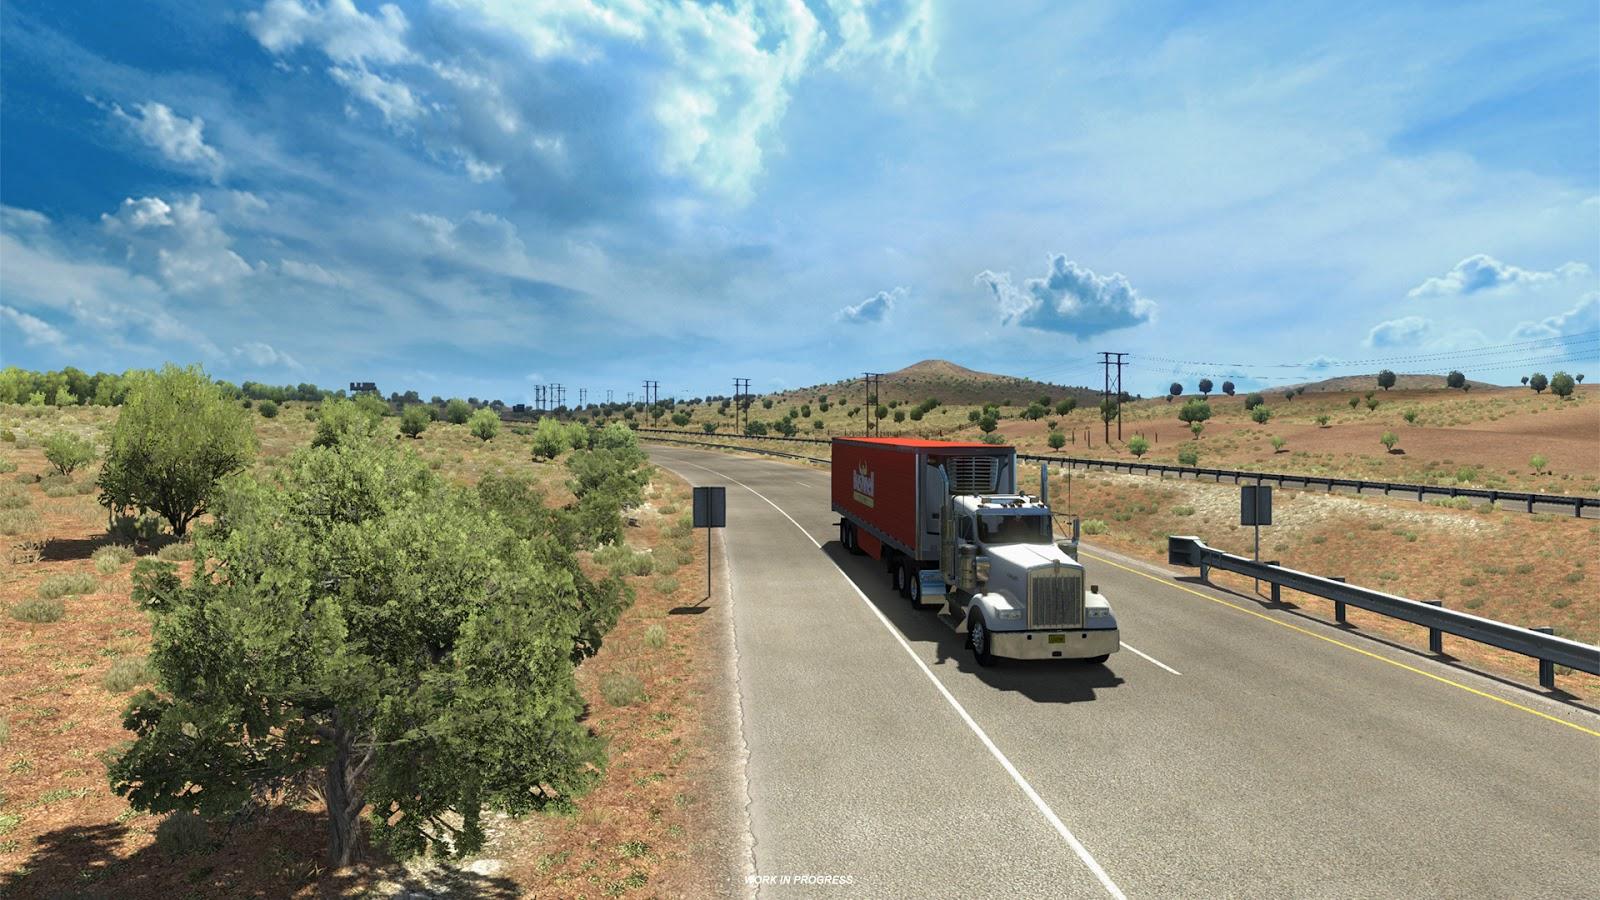 Pokochejte se Novým Mexikem z American Truck Simulatoru 146368